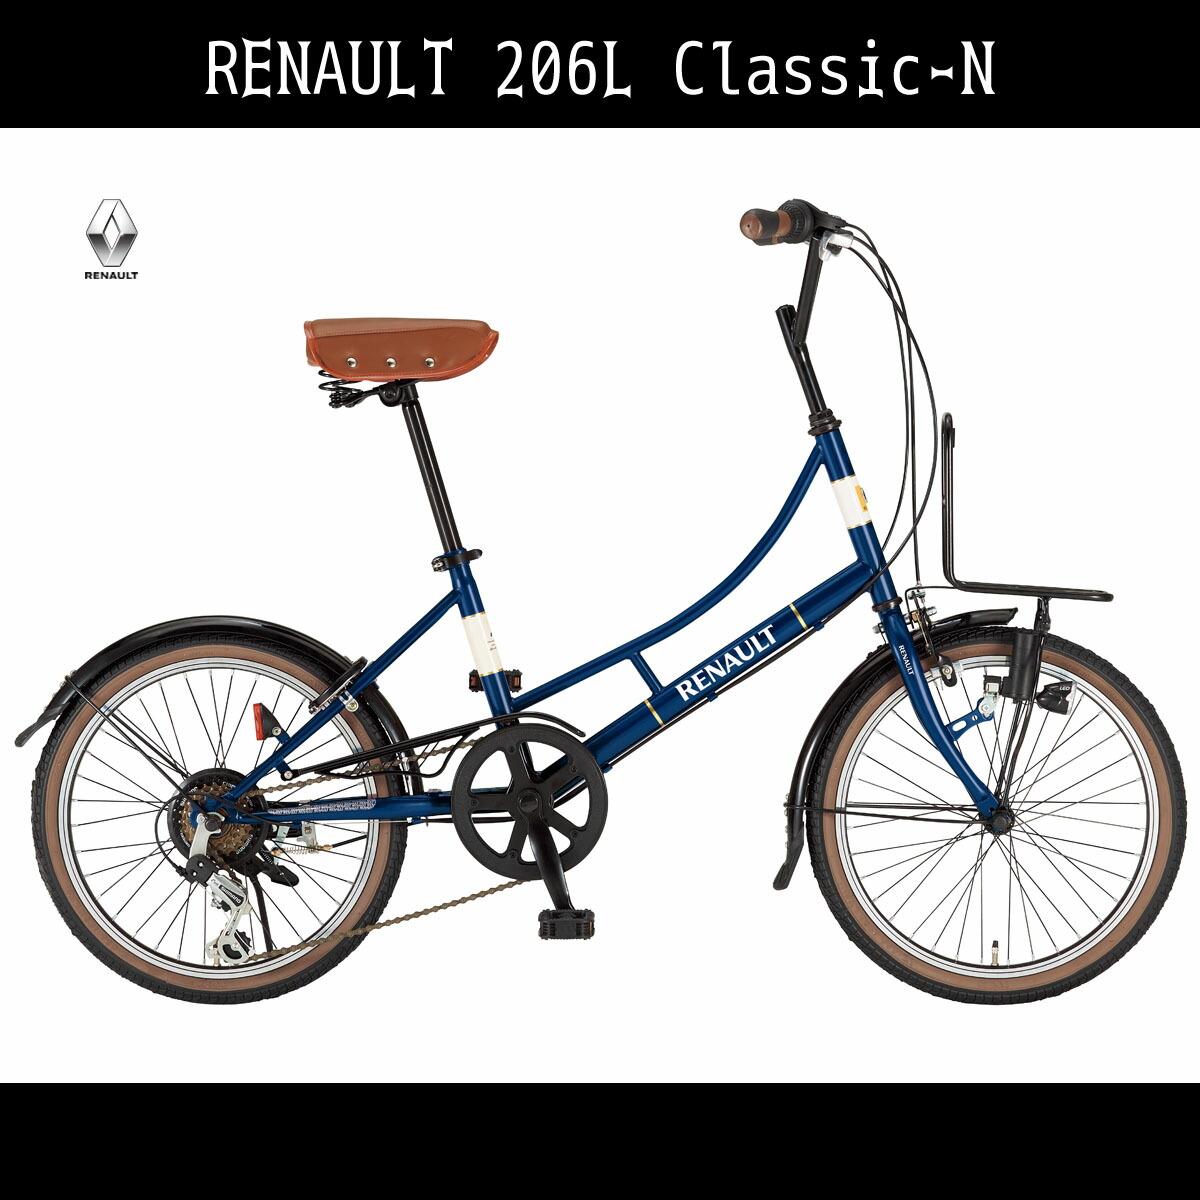 ミニベロ ルノー 自転車 ミニベロ/小径車 ブルー/青色20インチ ミニベロ 外装6段変速ギア付き LEDライト ローラーブレーキ、鍵付き RENAULT 自転車 ルノー 206L Classic-N